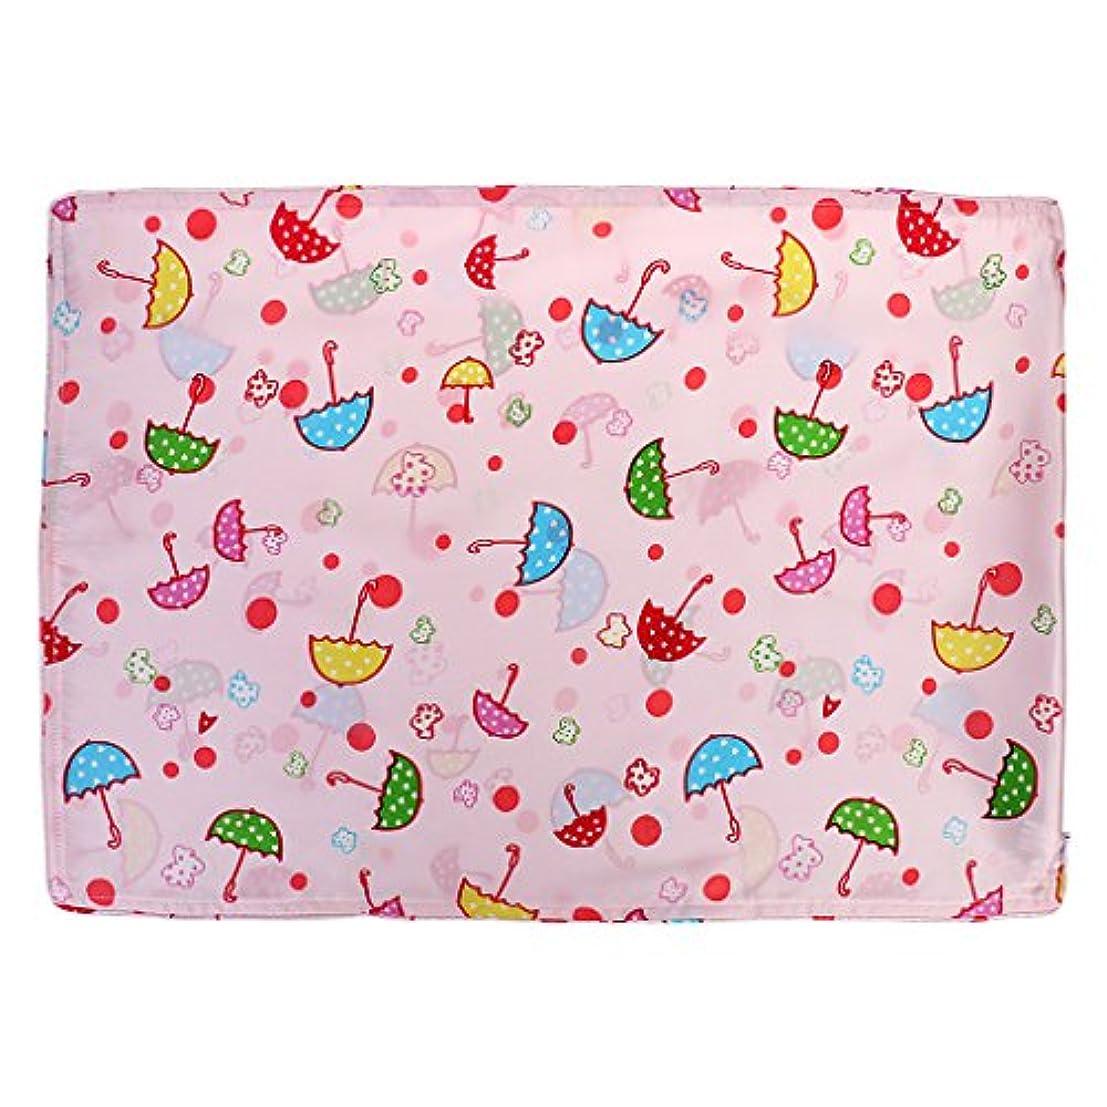 警告前に飼いならすかわいいベビーキッズ100%シルクサテン両面枕カバー30 * 50センチメートル傘ピンク